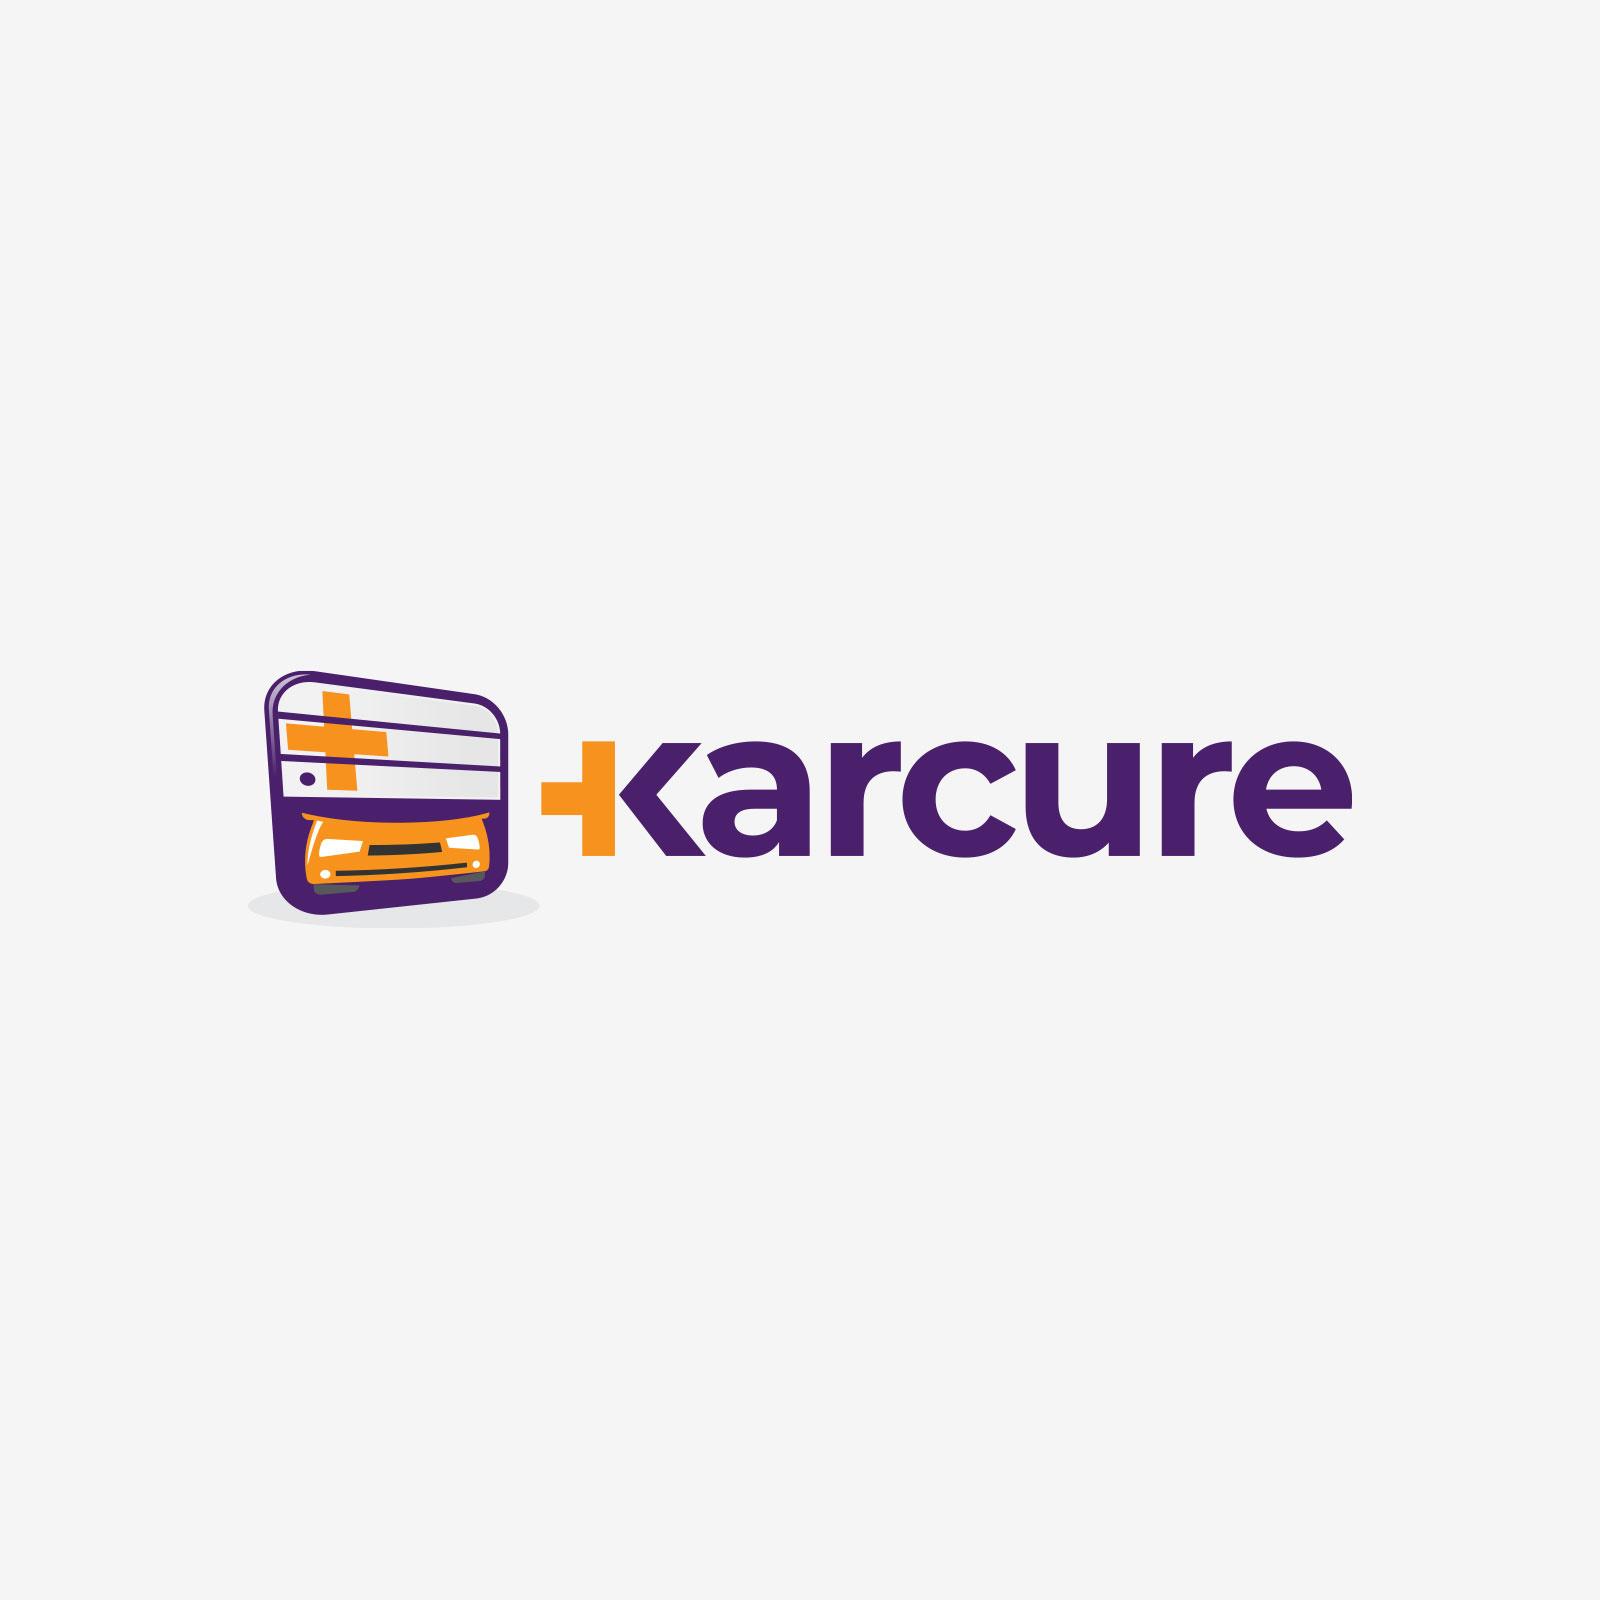 eximdesign_karcure_1.jpg